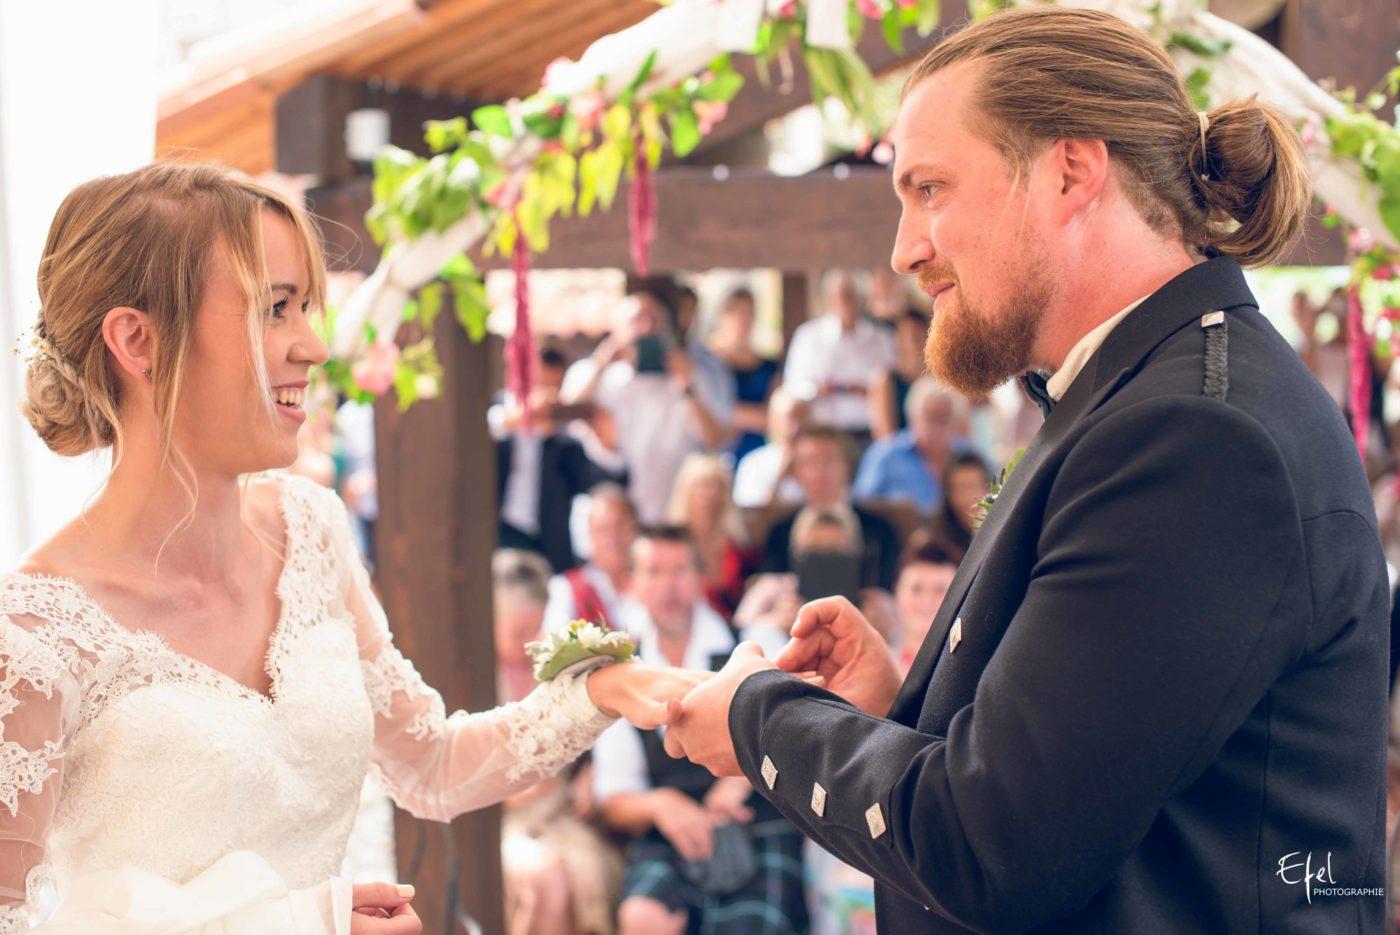 L'échange des alliances, le marié met la bague au doigt de sa femme - mariage gap, mariage alpes maritimes, mariage hautes alpes